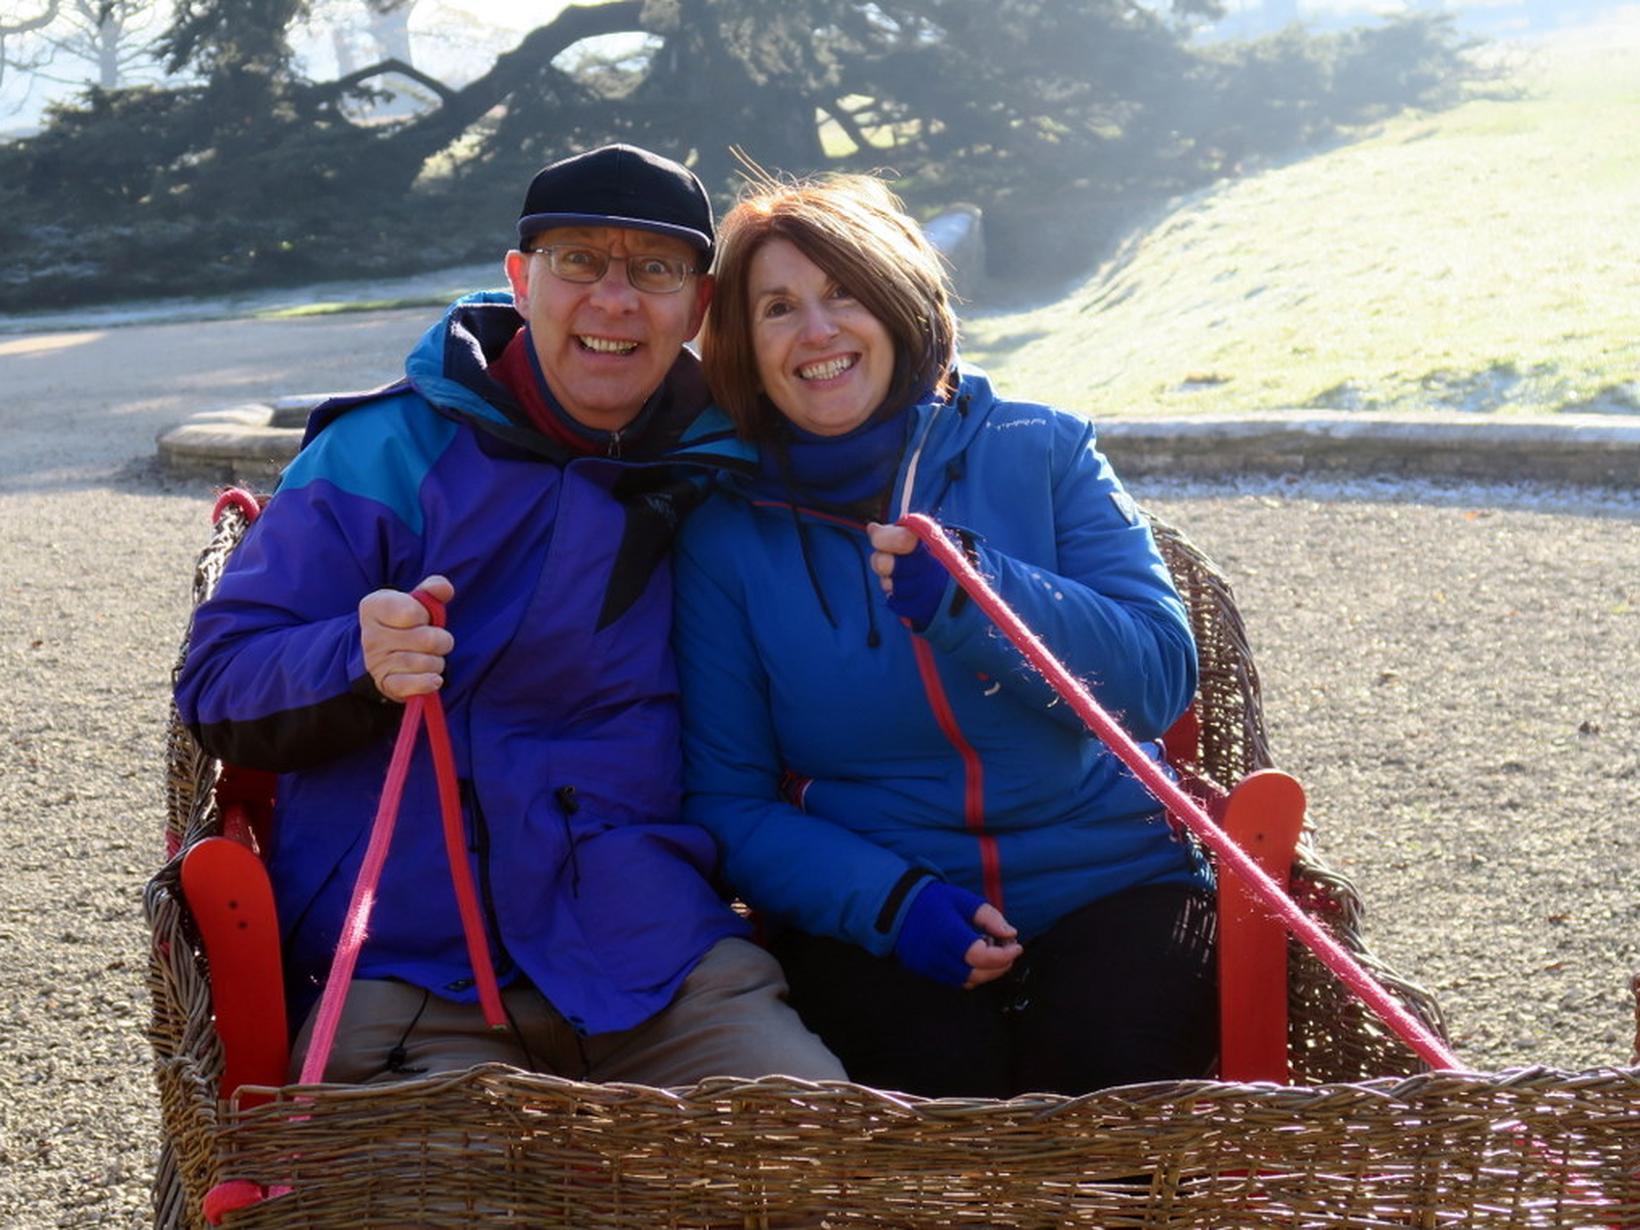 Bea & David from Bristol, United Kingdom